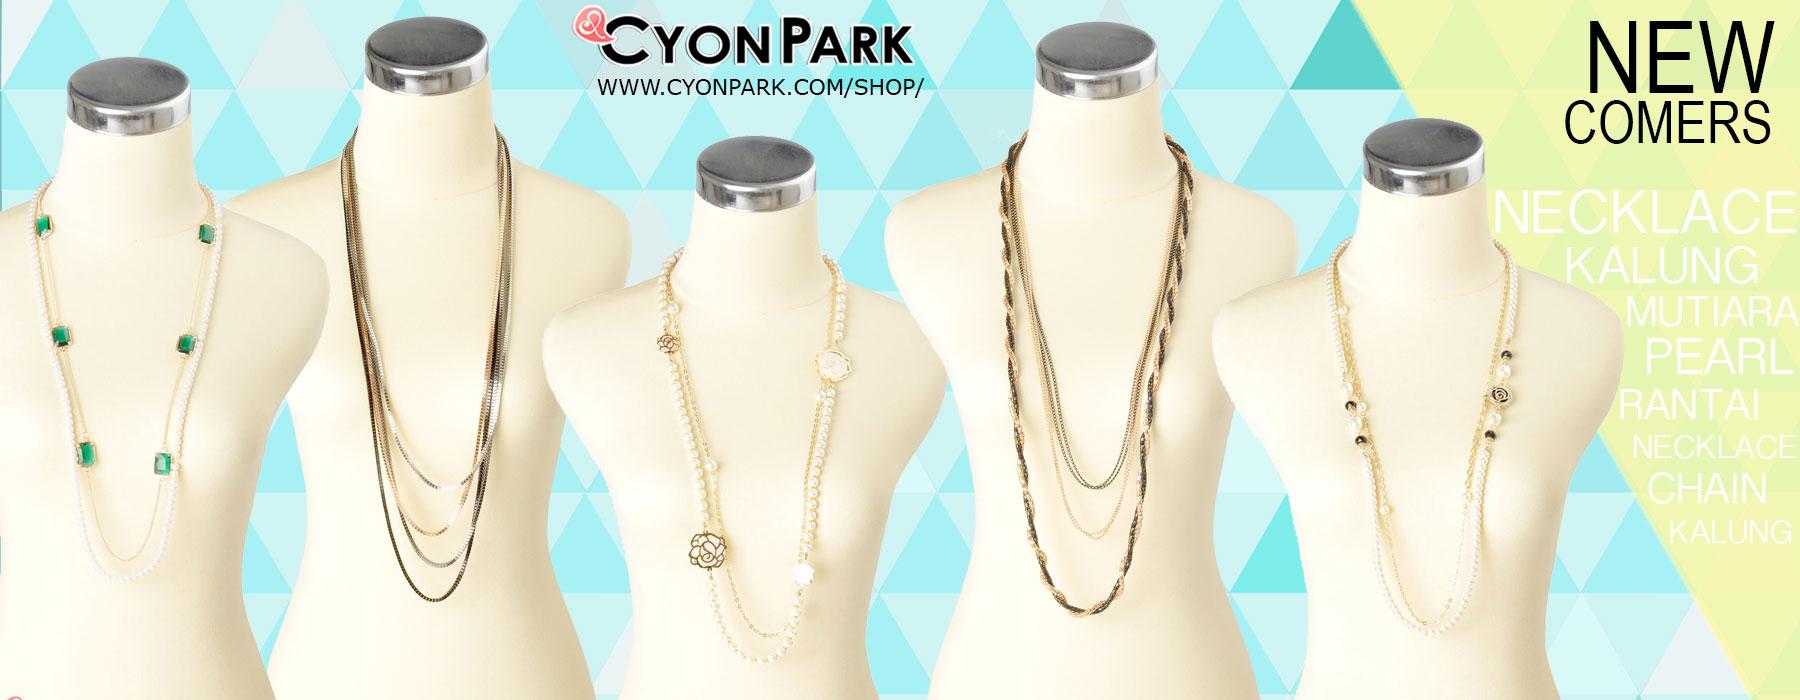 kalung-rantai-kalung-mutiara-necklace-pearl-model-kalung-terbaru-2014-cyonpark.jpg